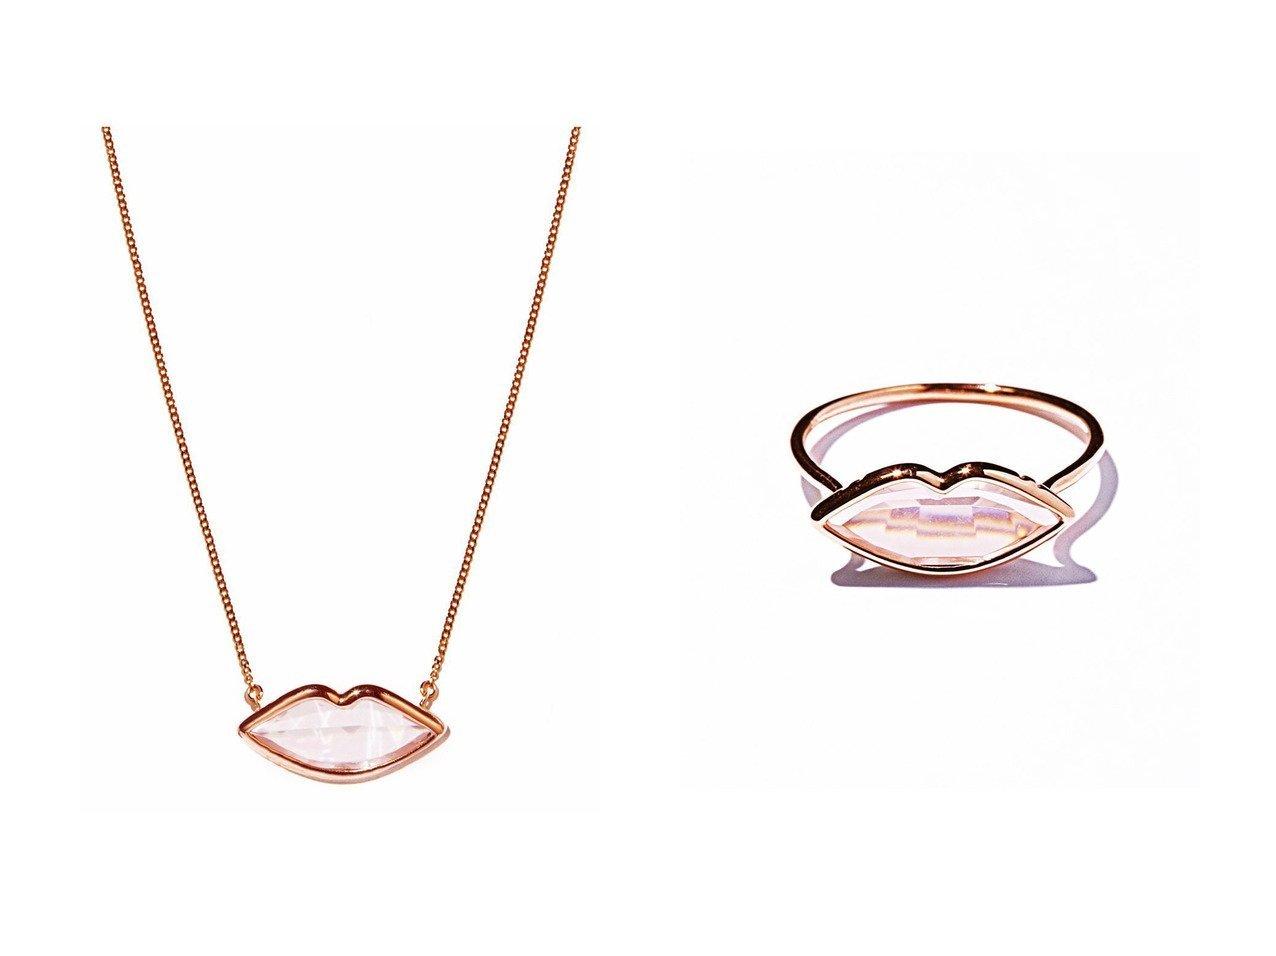 【les bonbon/ルボンボン】のlip ピンクゴールドネックレス&lip ピンクゴールドリング アクセサリー・ジュエリーのおすすめ!人気、レディースファッションの通販  おすすめで人気のファッション通販商品 インテリア・家具・キッズファッション・メンズファッション・レディースファッション・服の通販 founy(ファニー) https://founy.com/ ファッション Fashion レディース WOMEN ジュエリー Jewelry ネックレス Necklaces コレクション ネックレス フェミニン フォルム モチーフ リップ |ID:crp329100000003797